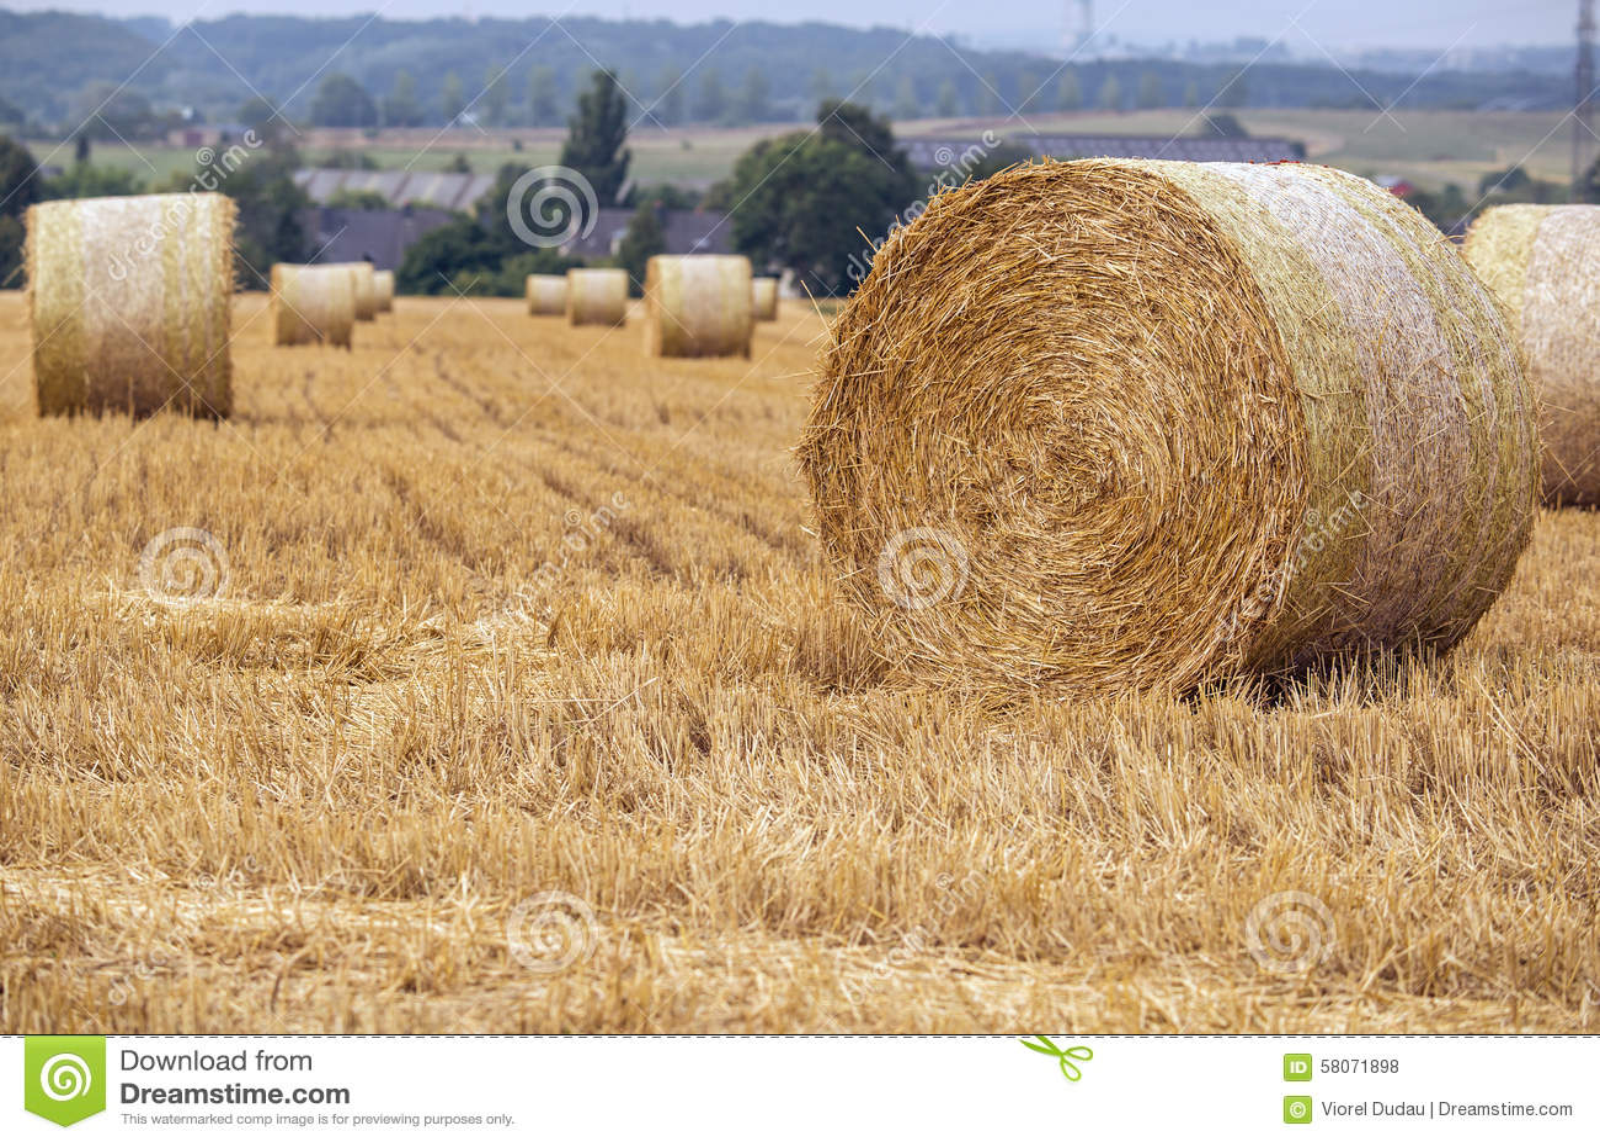 Фото со стогами сена фото 76-147